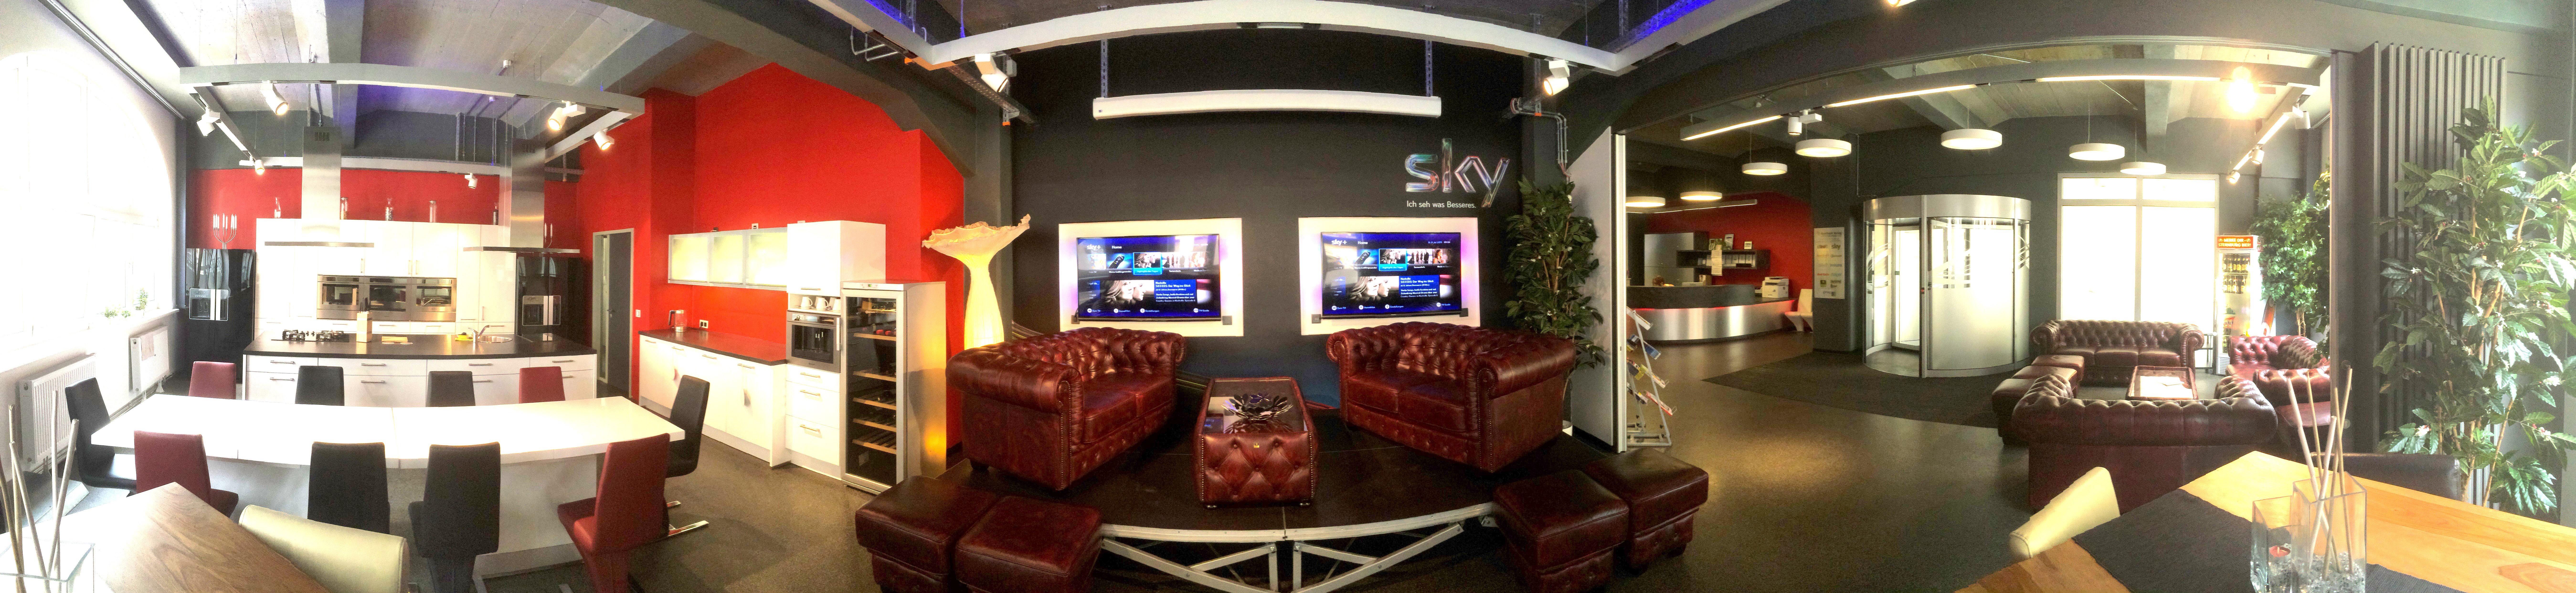 Panorama des Eingangsbereiches: Links die Showküche, in der Mitte die Sky-Lounge und rechts die Lobby mit Empfang